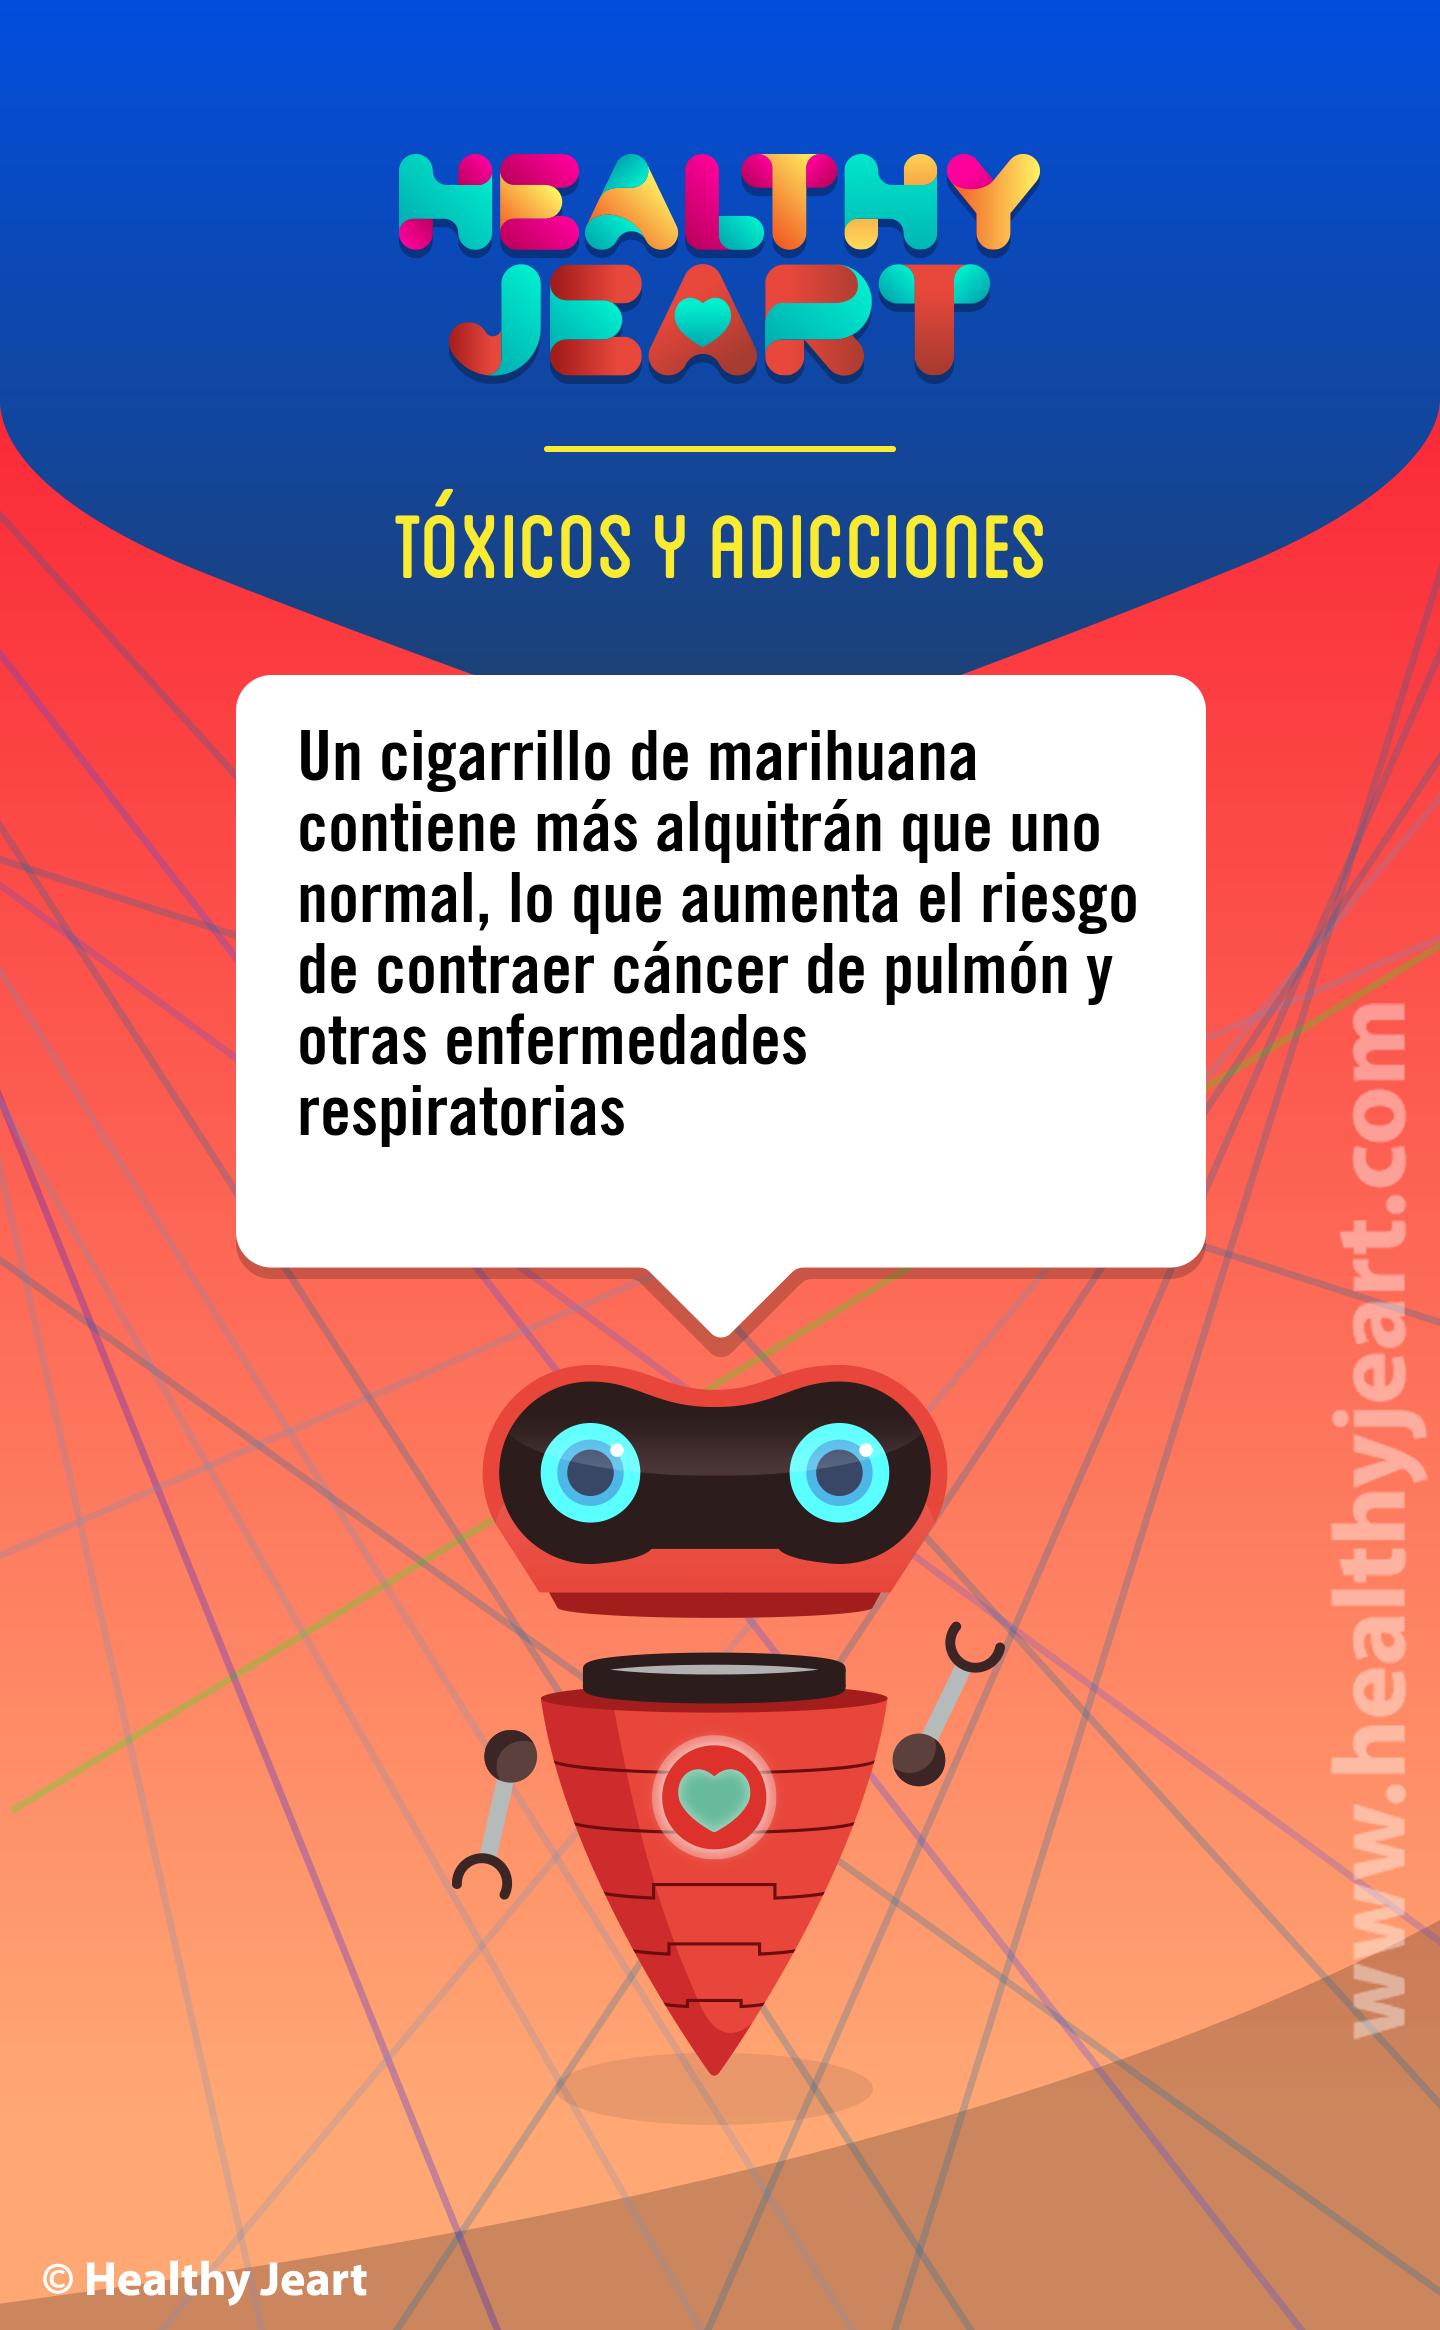 Un cigarrillo de marihuana contiene más alquitran que uno normal, lo que aumenta el riesgo de contraer cáncer de pulmón y otras enfermedades respiratorias